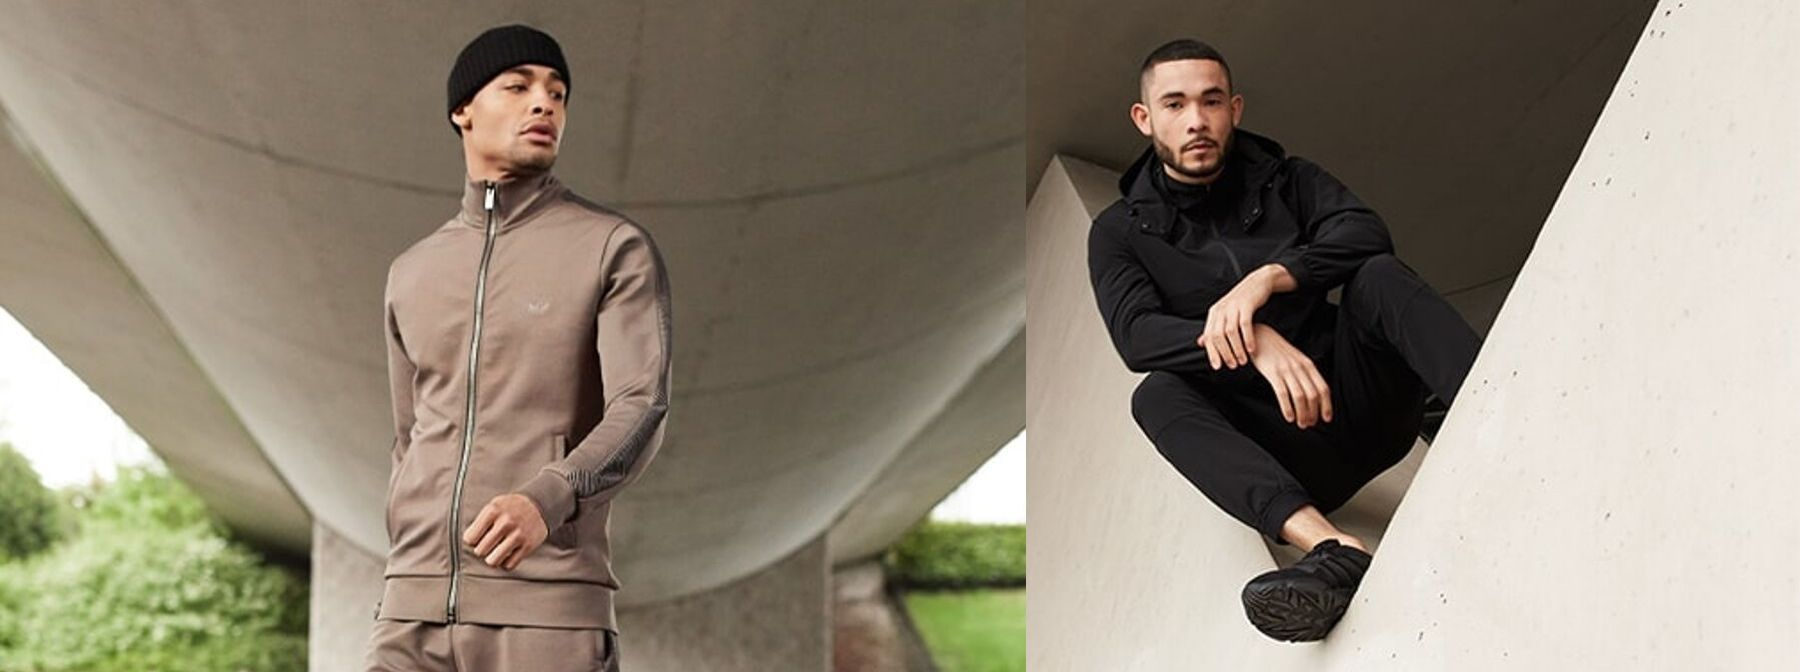 6 свежих образов для отдыха | Одежда для мужчин